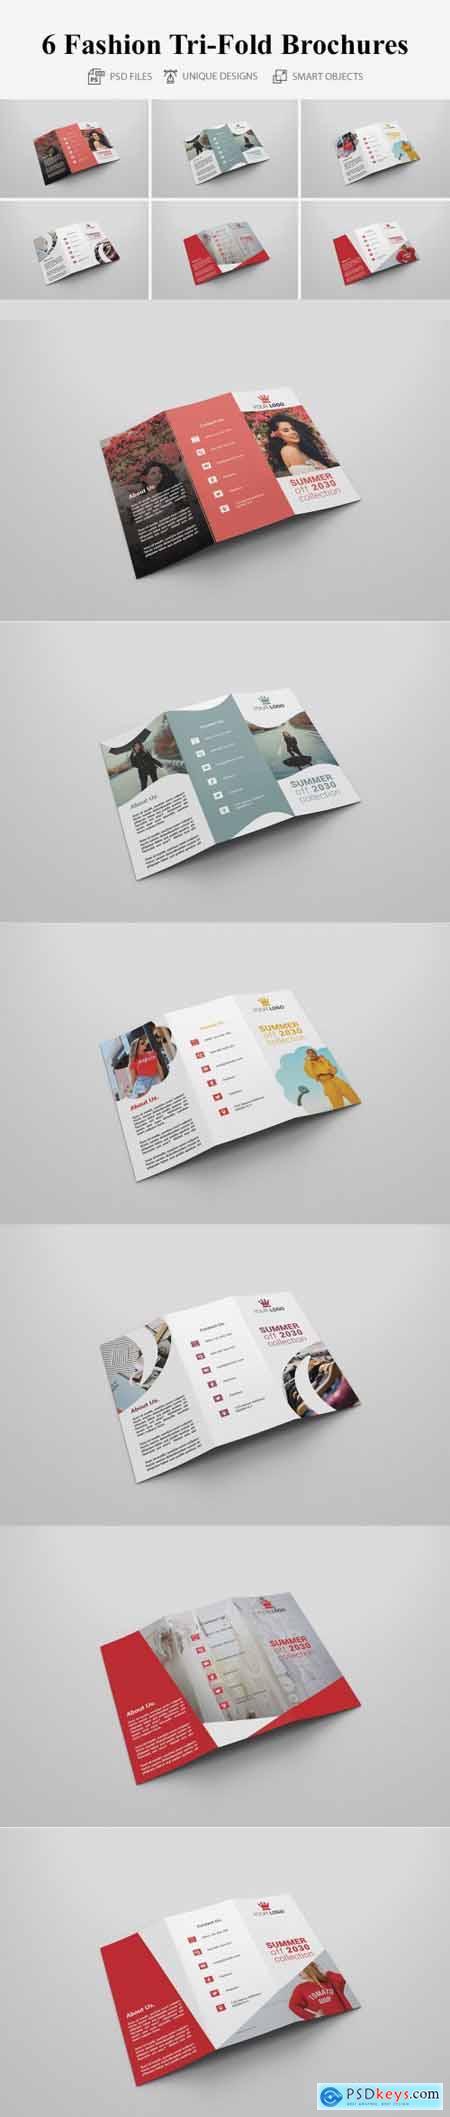 6 Fashion Tri-fold Brochures 4160663